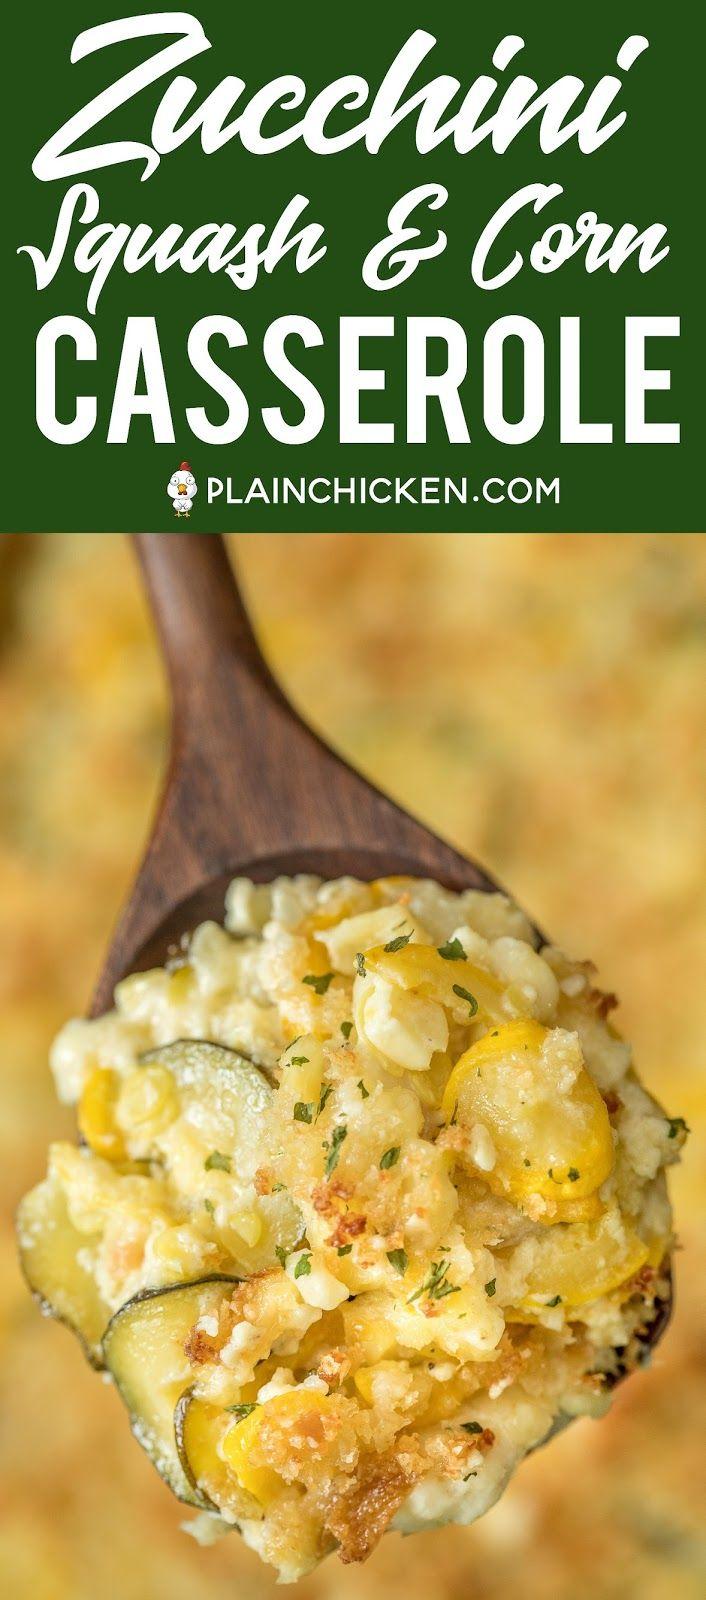 Photo of Zucchini, Squash & Corn Casserole